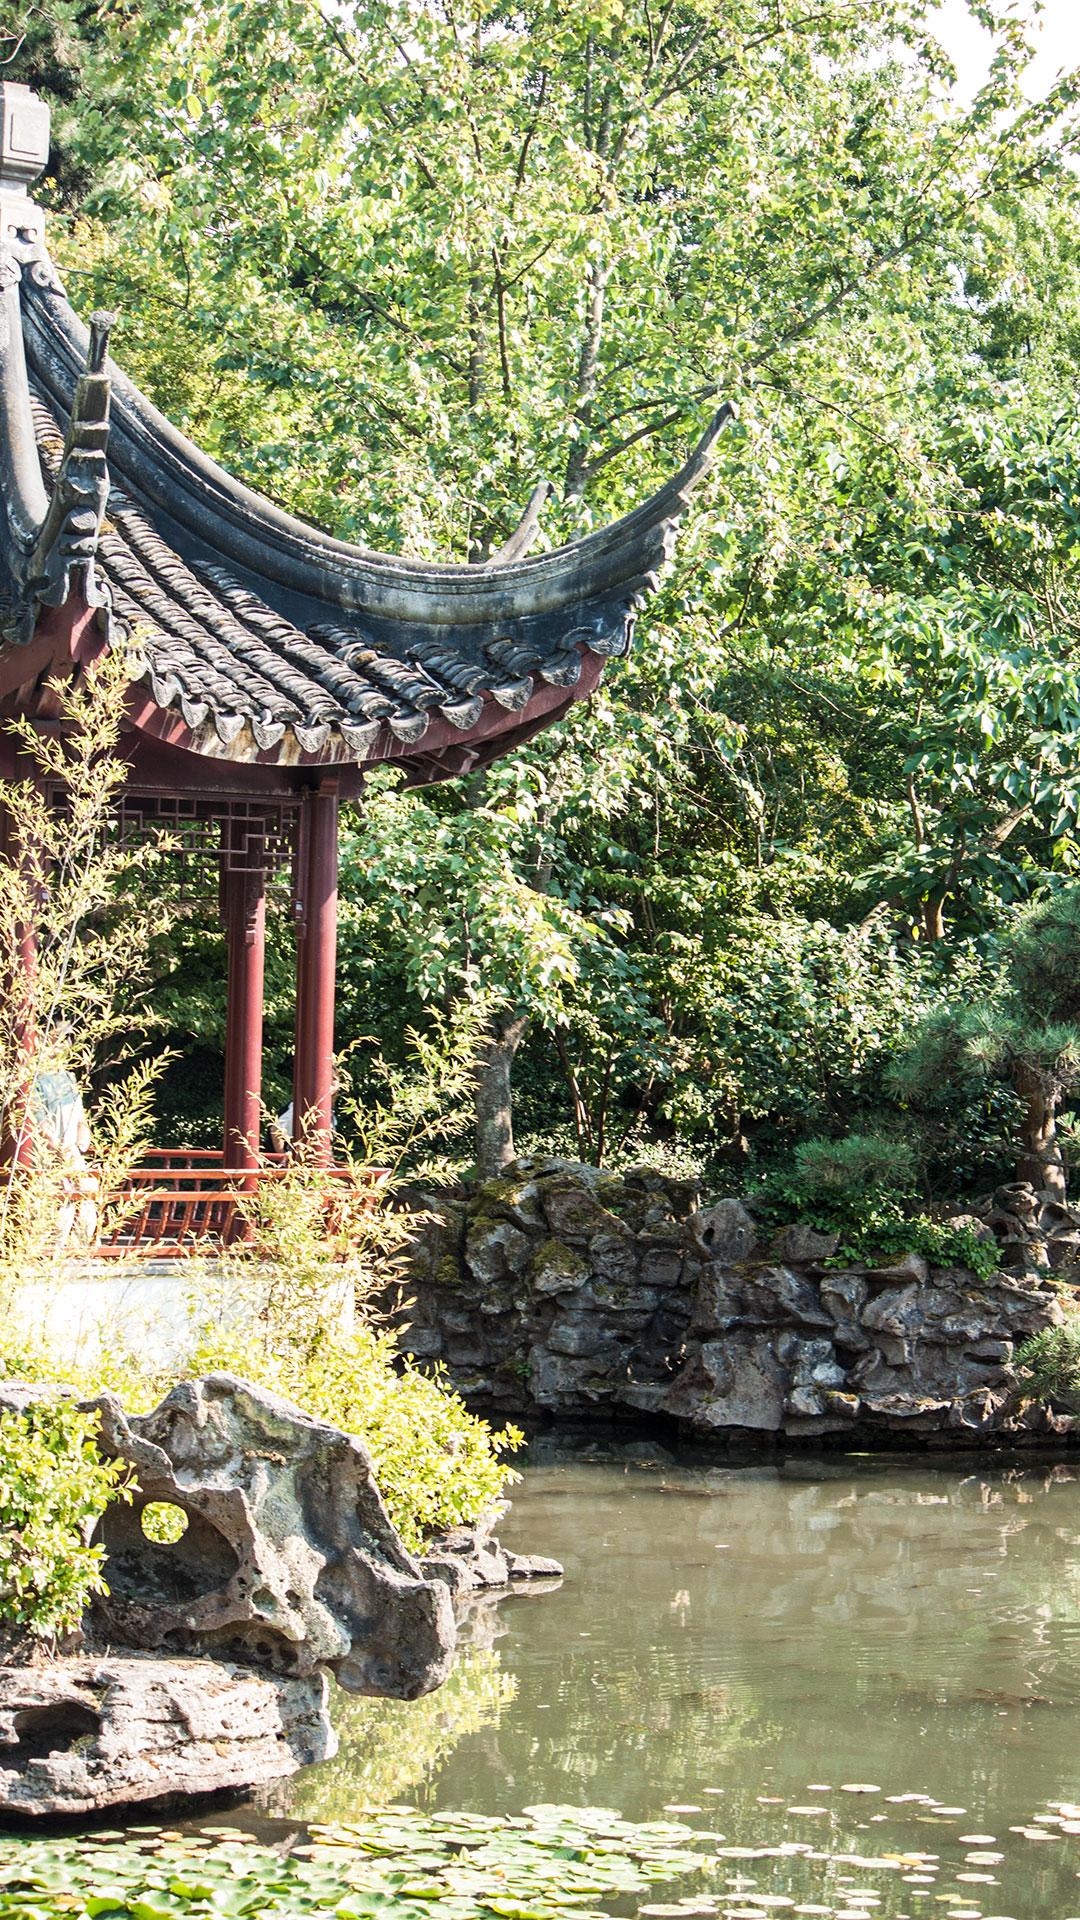 Dazwischen intime japanische Gärten